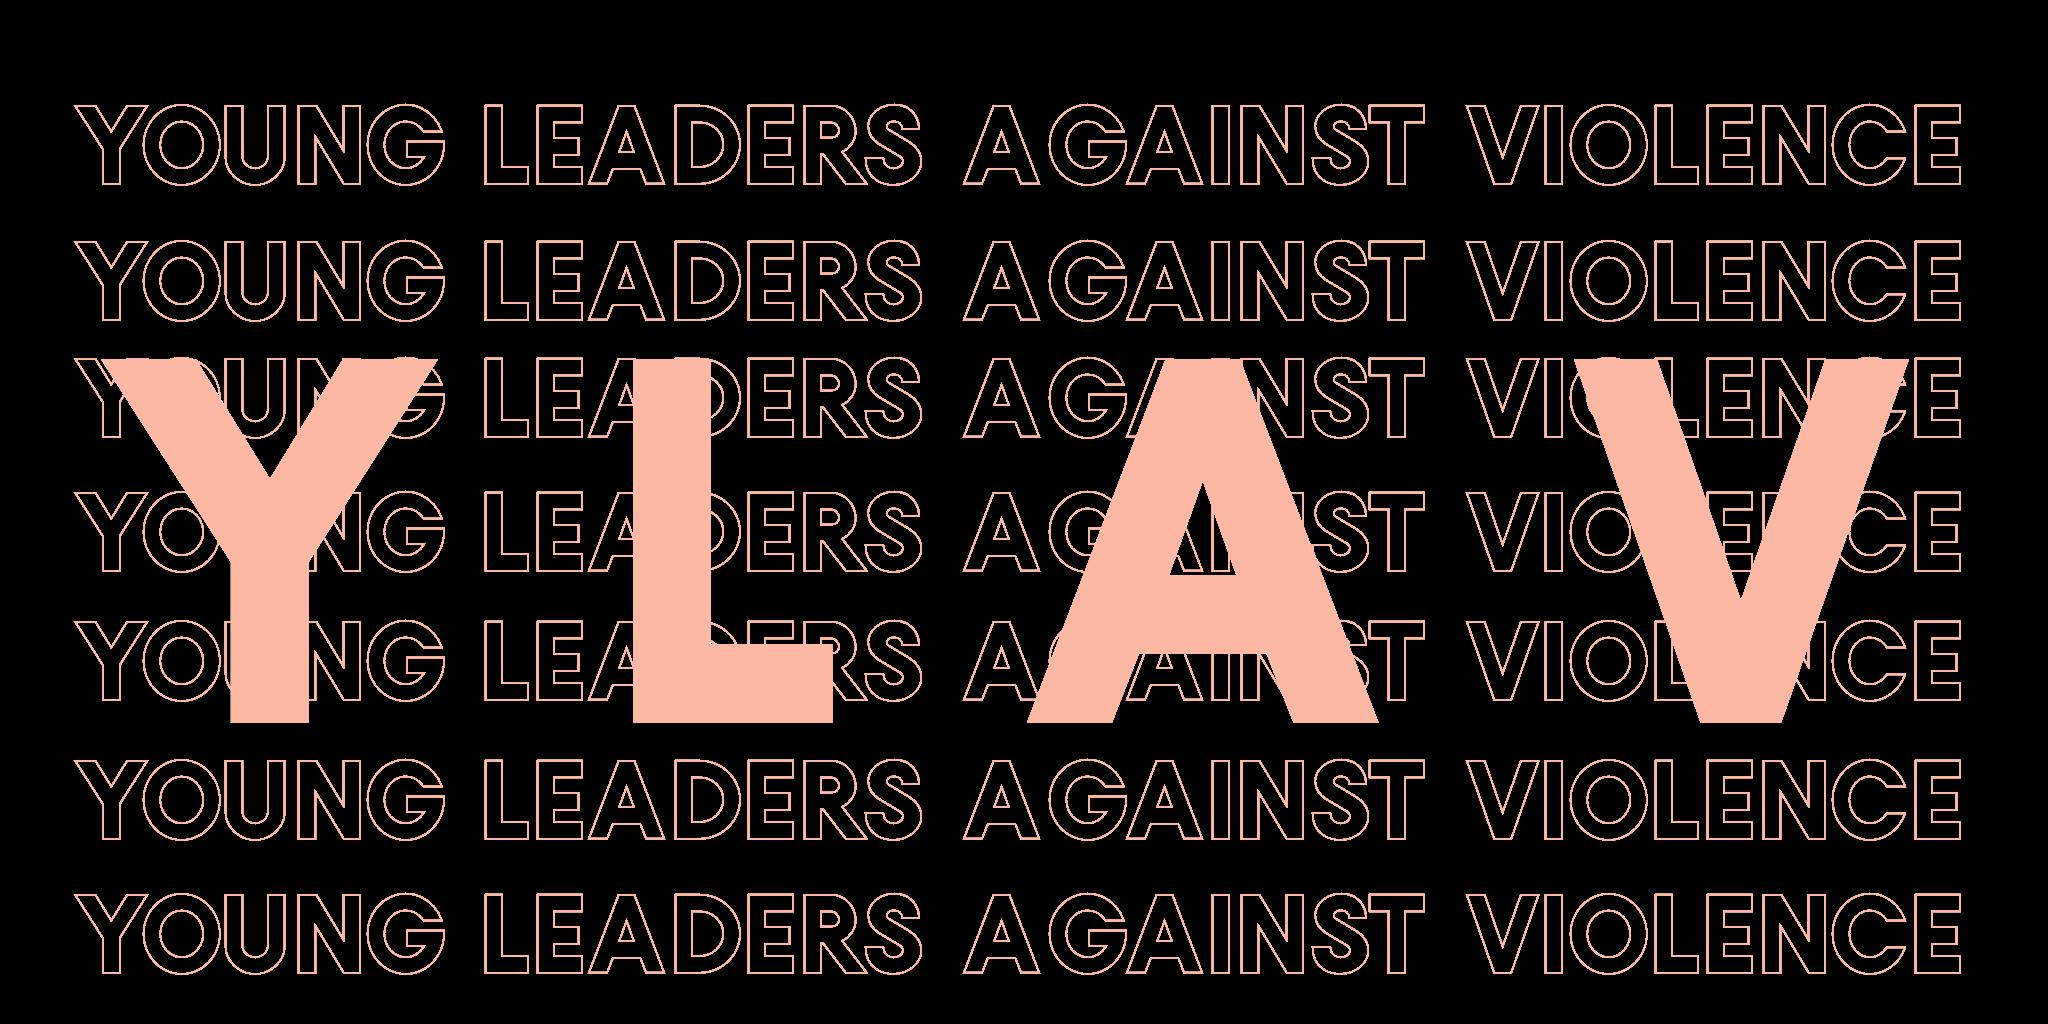 YLAV PNG Logo